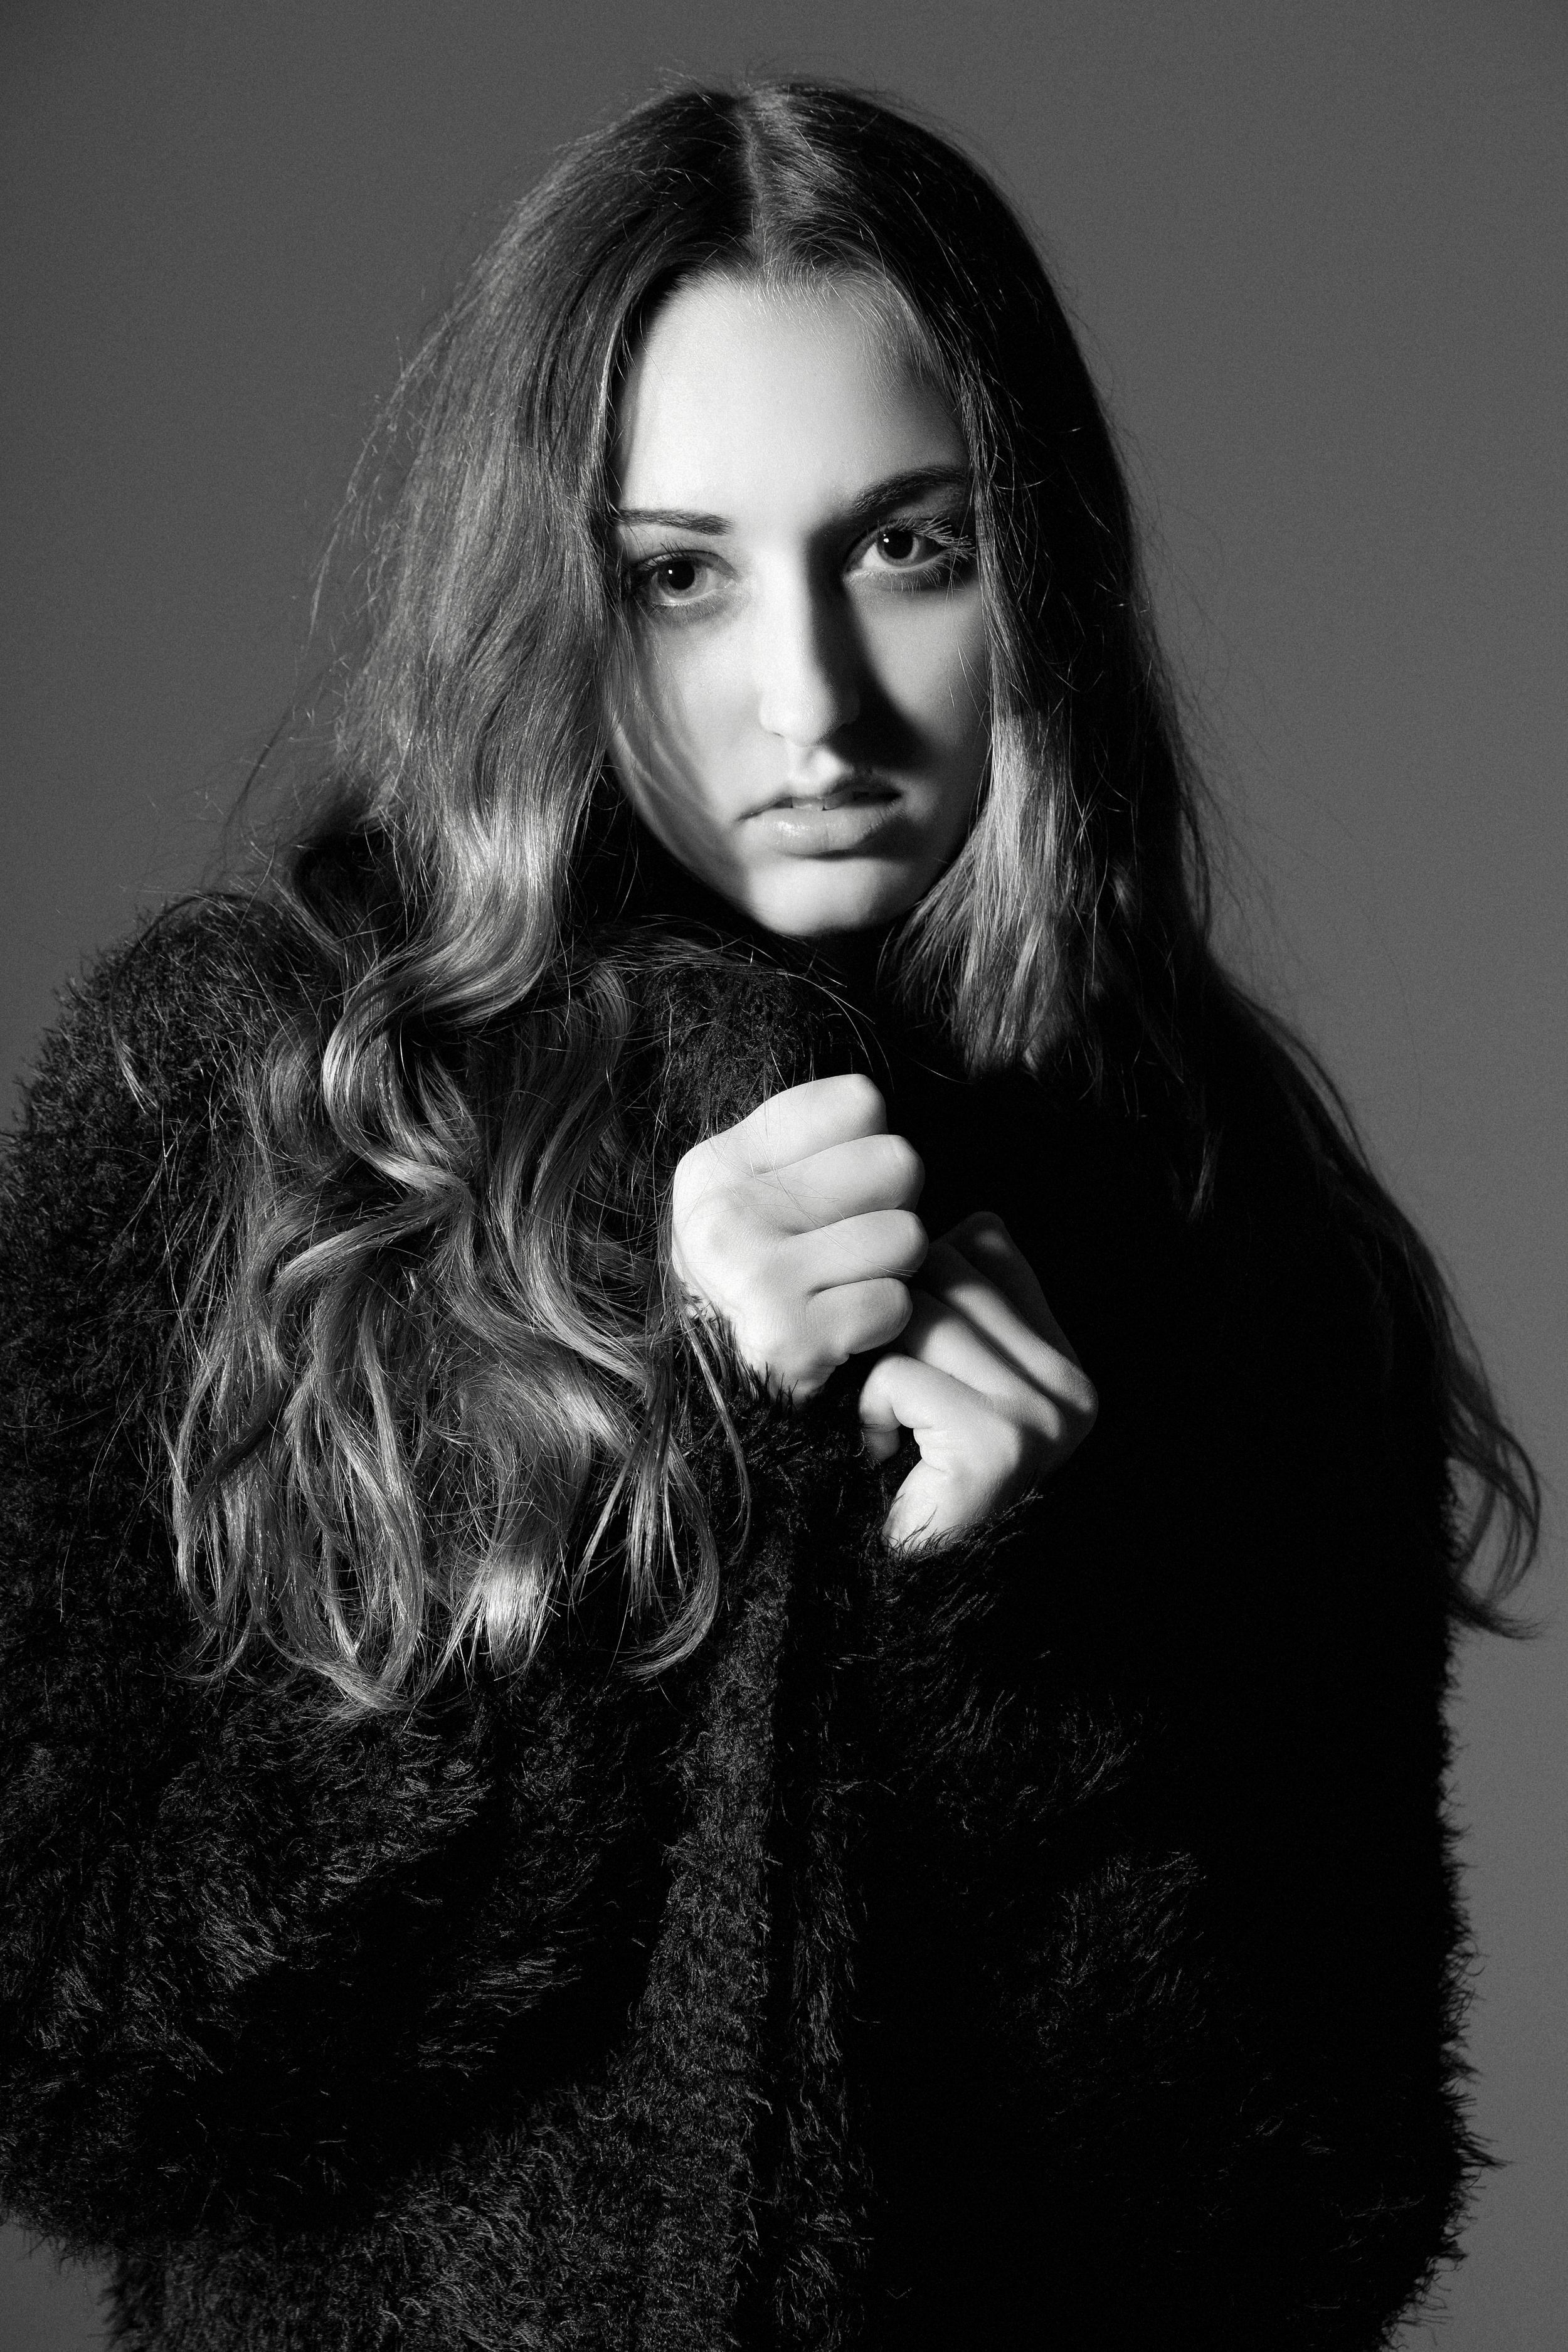 Kalika Postlethwait Headshots from Orange Models/Photographer: Roberto Vazquez